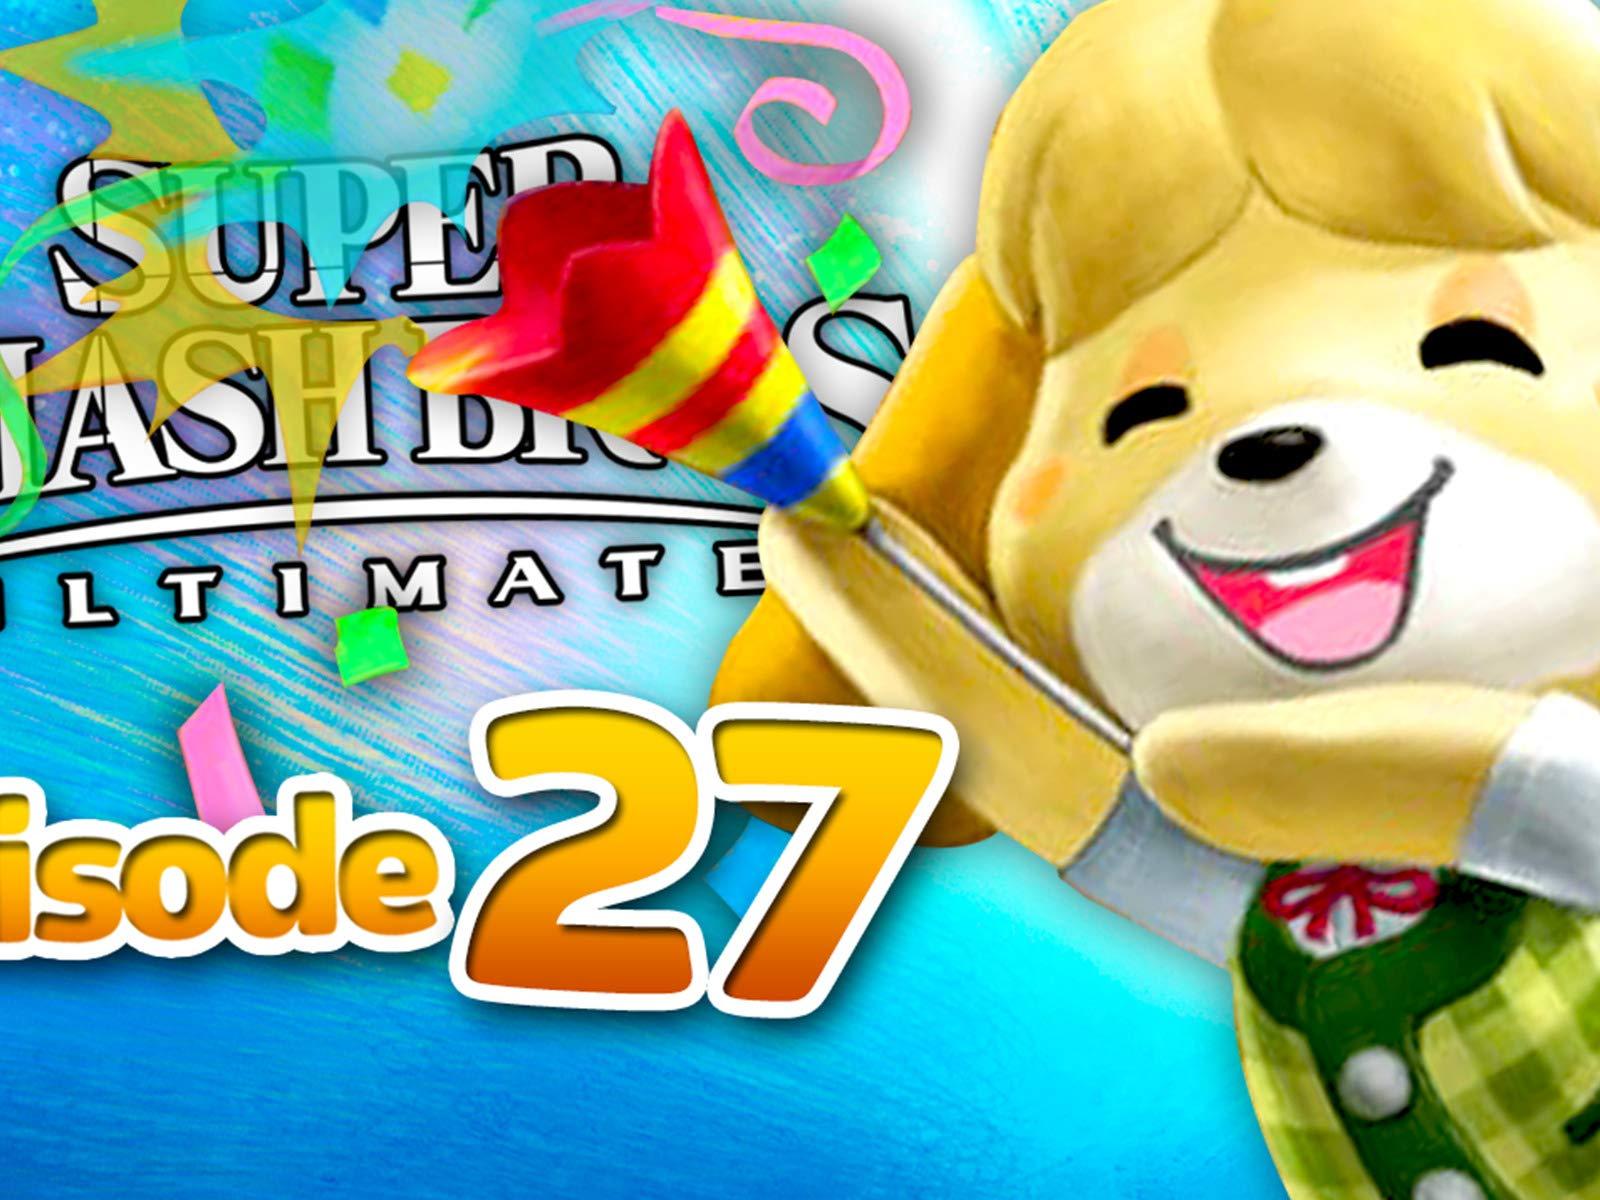 Clip: Super Smash Bros. Ultimate Gameplay - Zebra Gamer on Amazon Prime Video UK